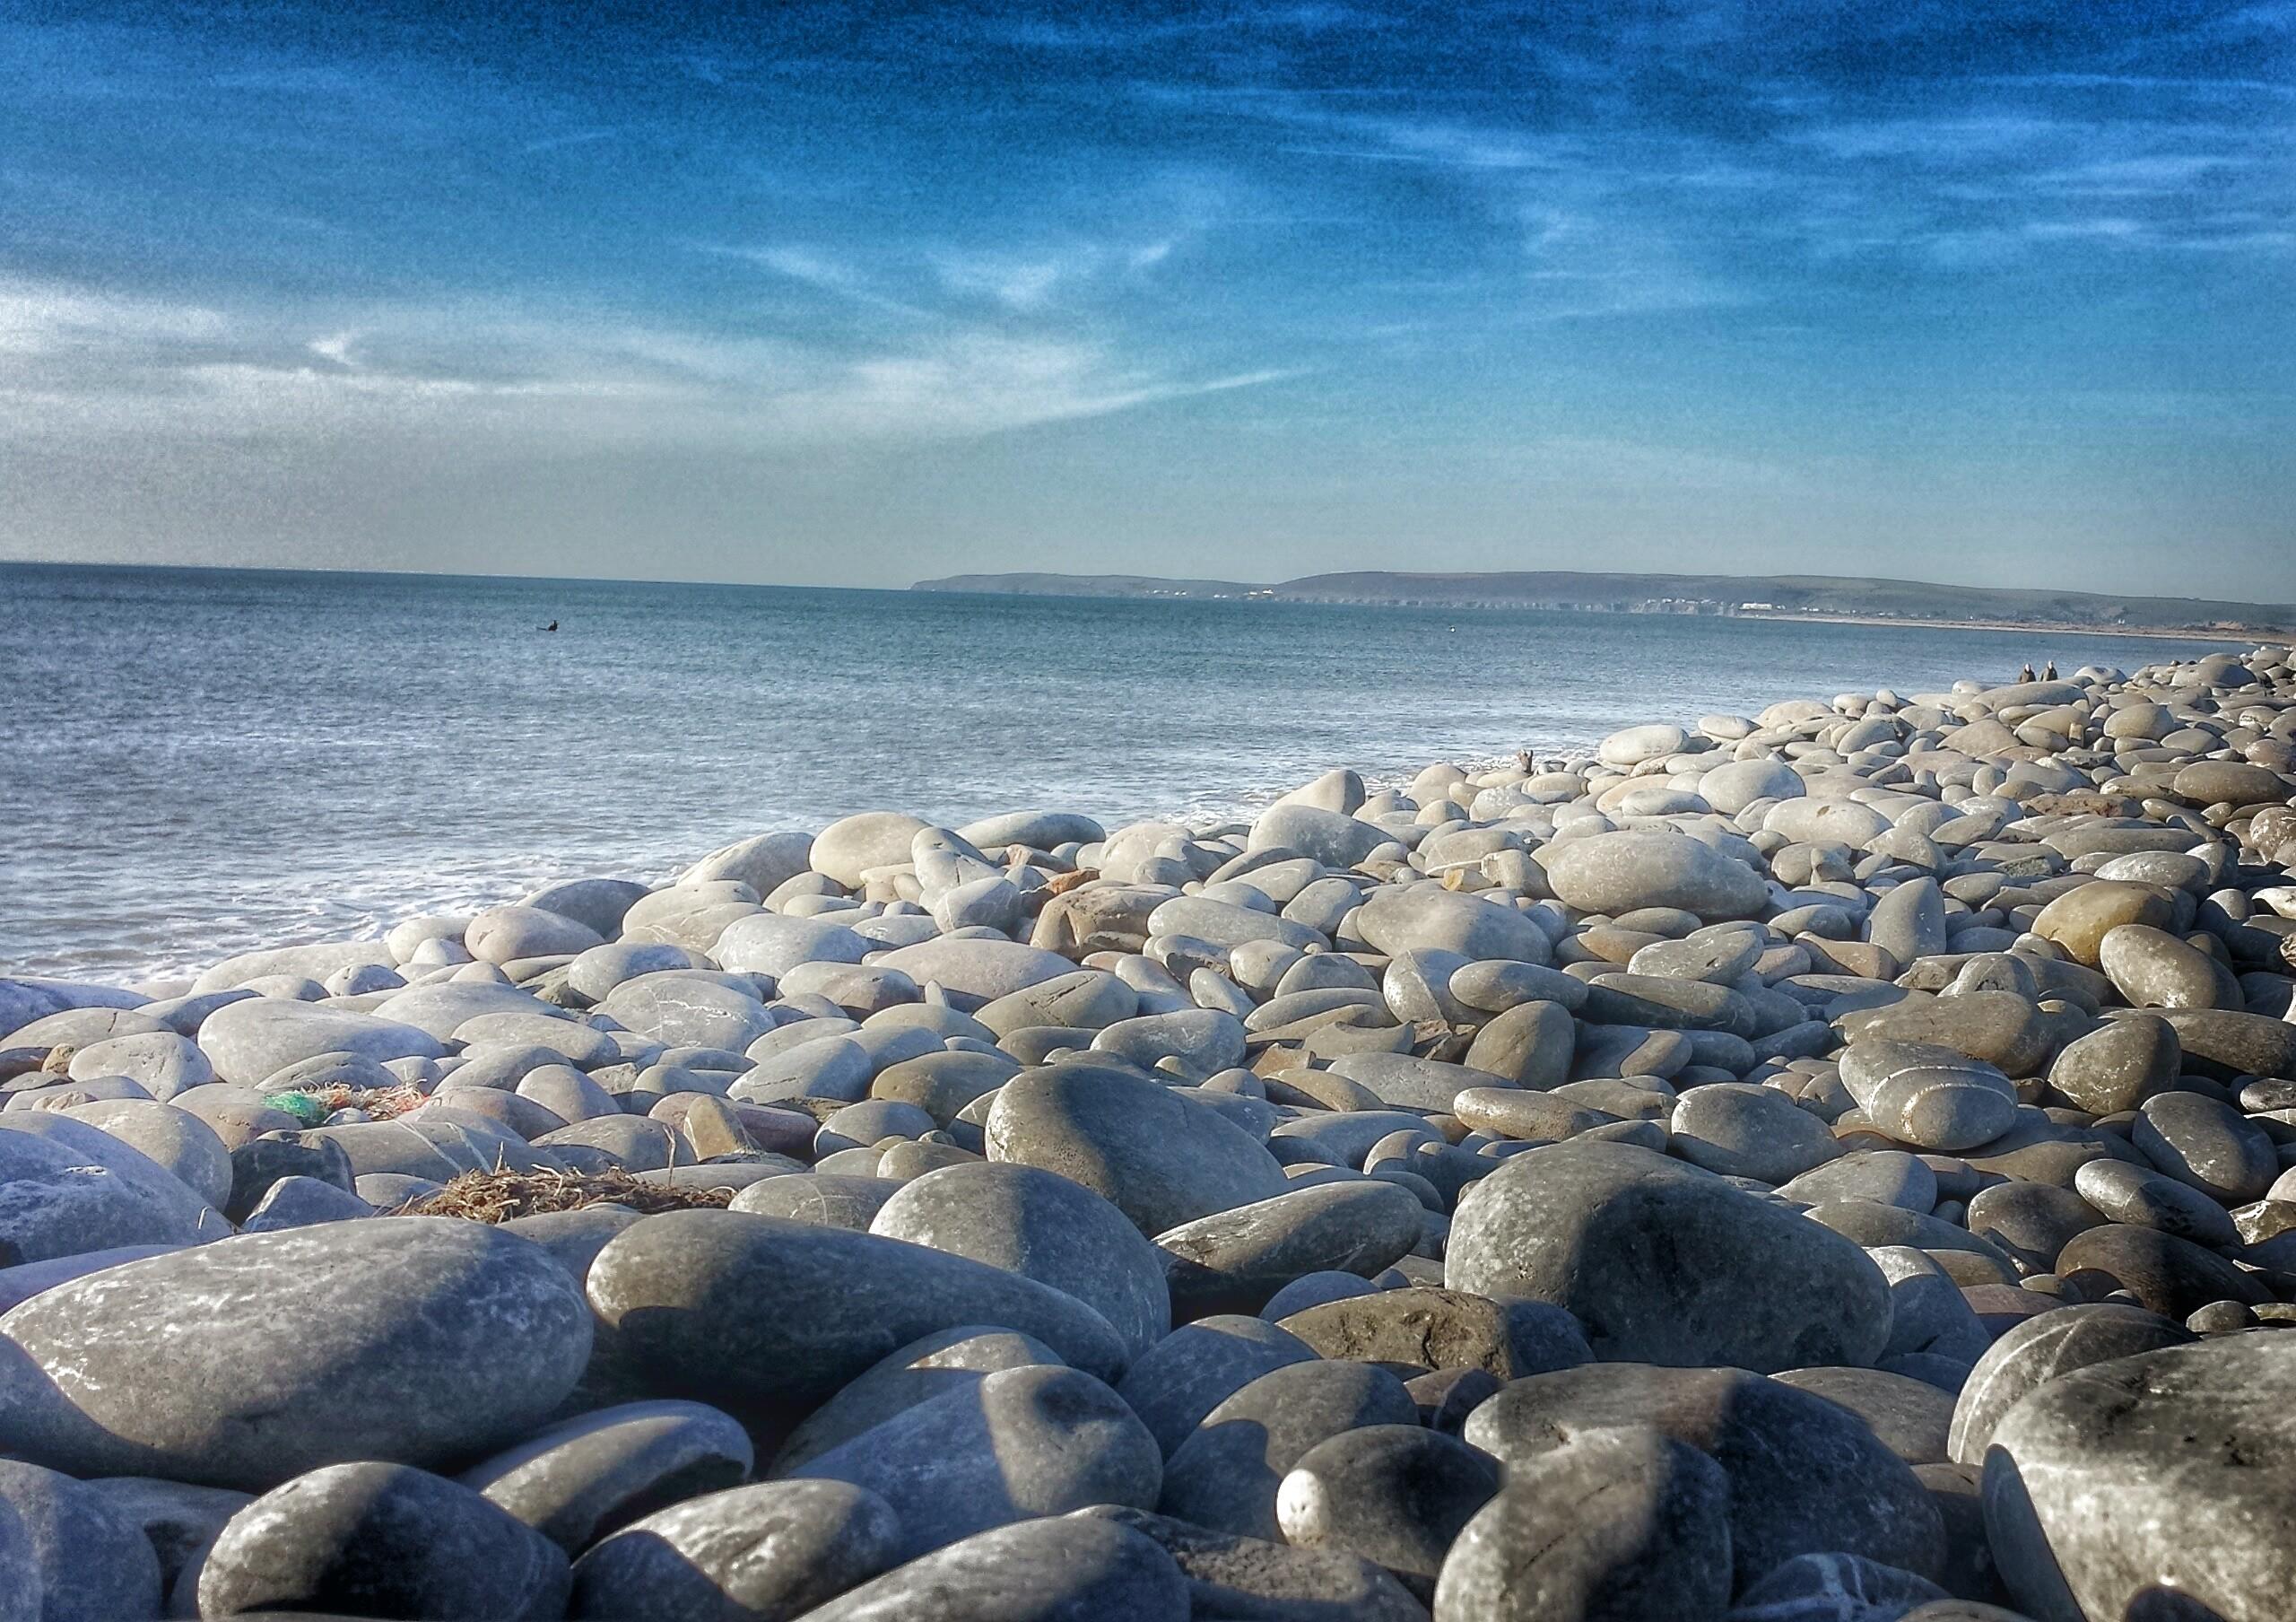 картинка морские камушки и волны демонстрационных макетах, сделанных